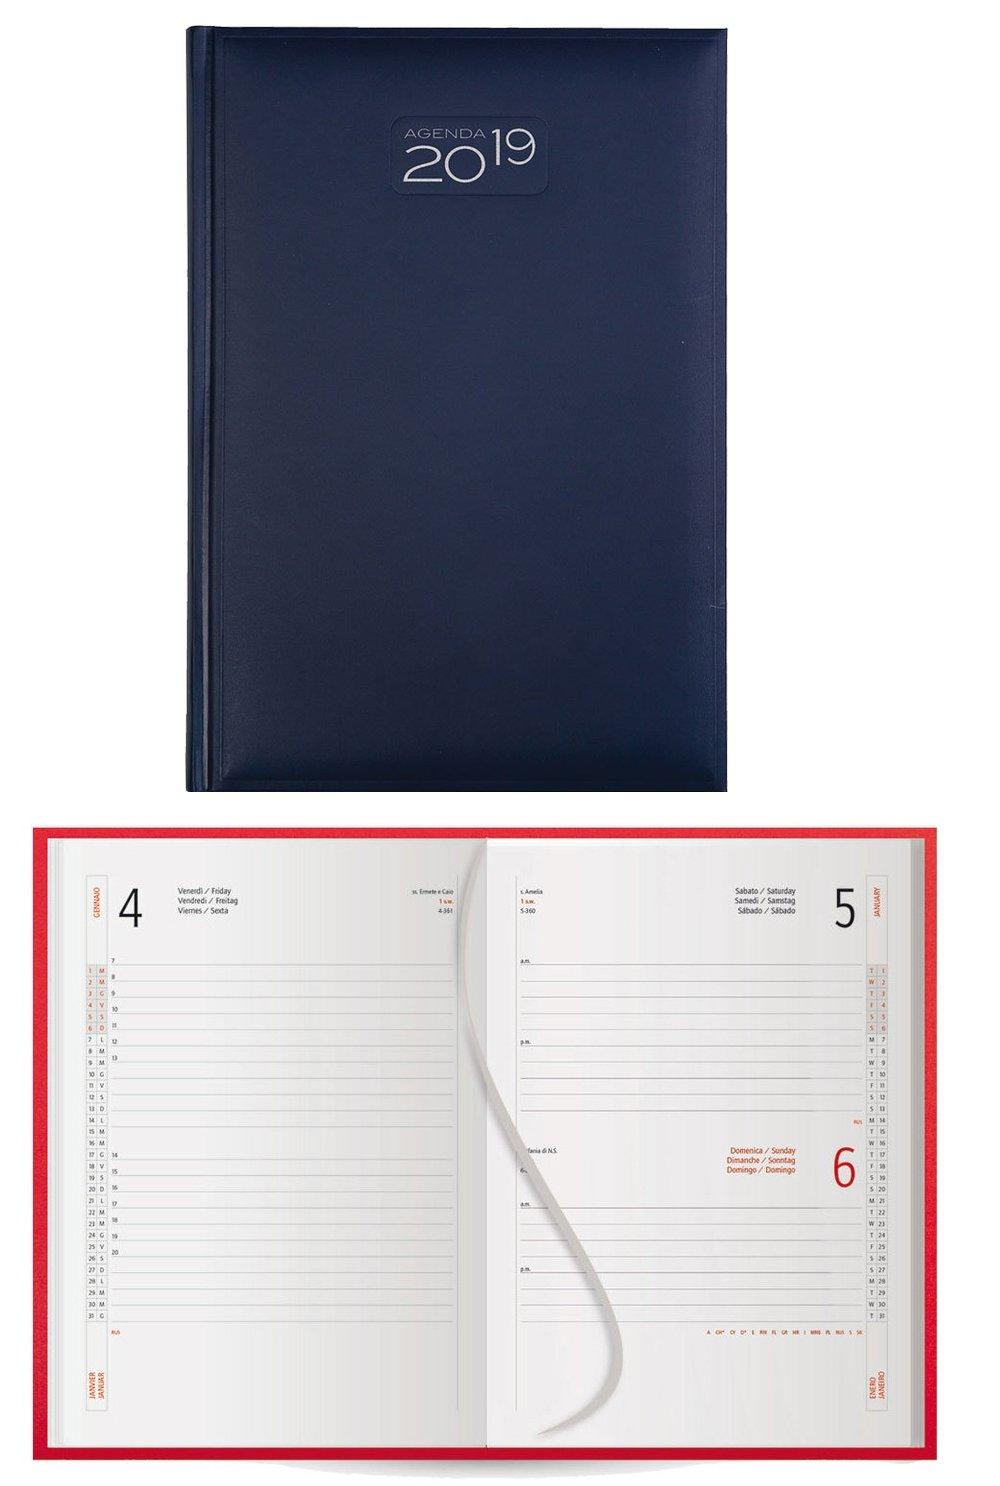 takestop Agenda 2019 Azul Diaria Diario planificador 17 x 12.5 cm Cubierta Rígida Papel Blanca Edición MultiLingua